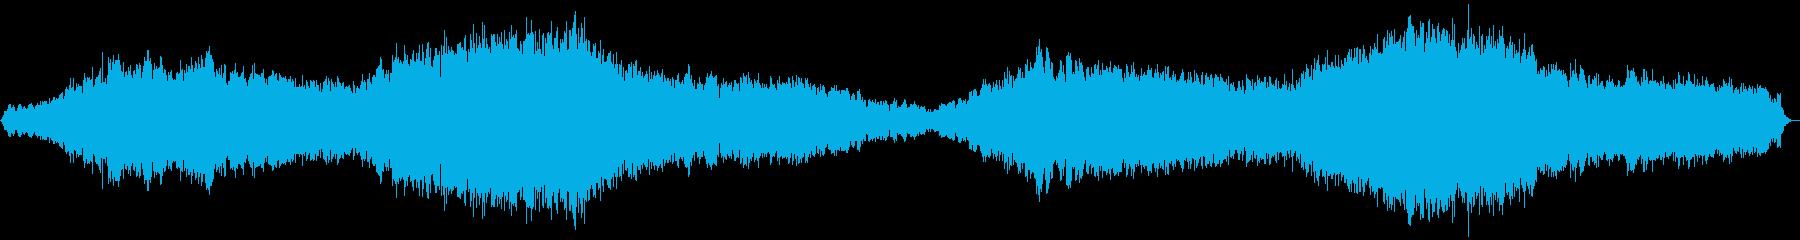 退廃的、滅亡した後の場面に合うBGMの再生済みの波形